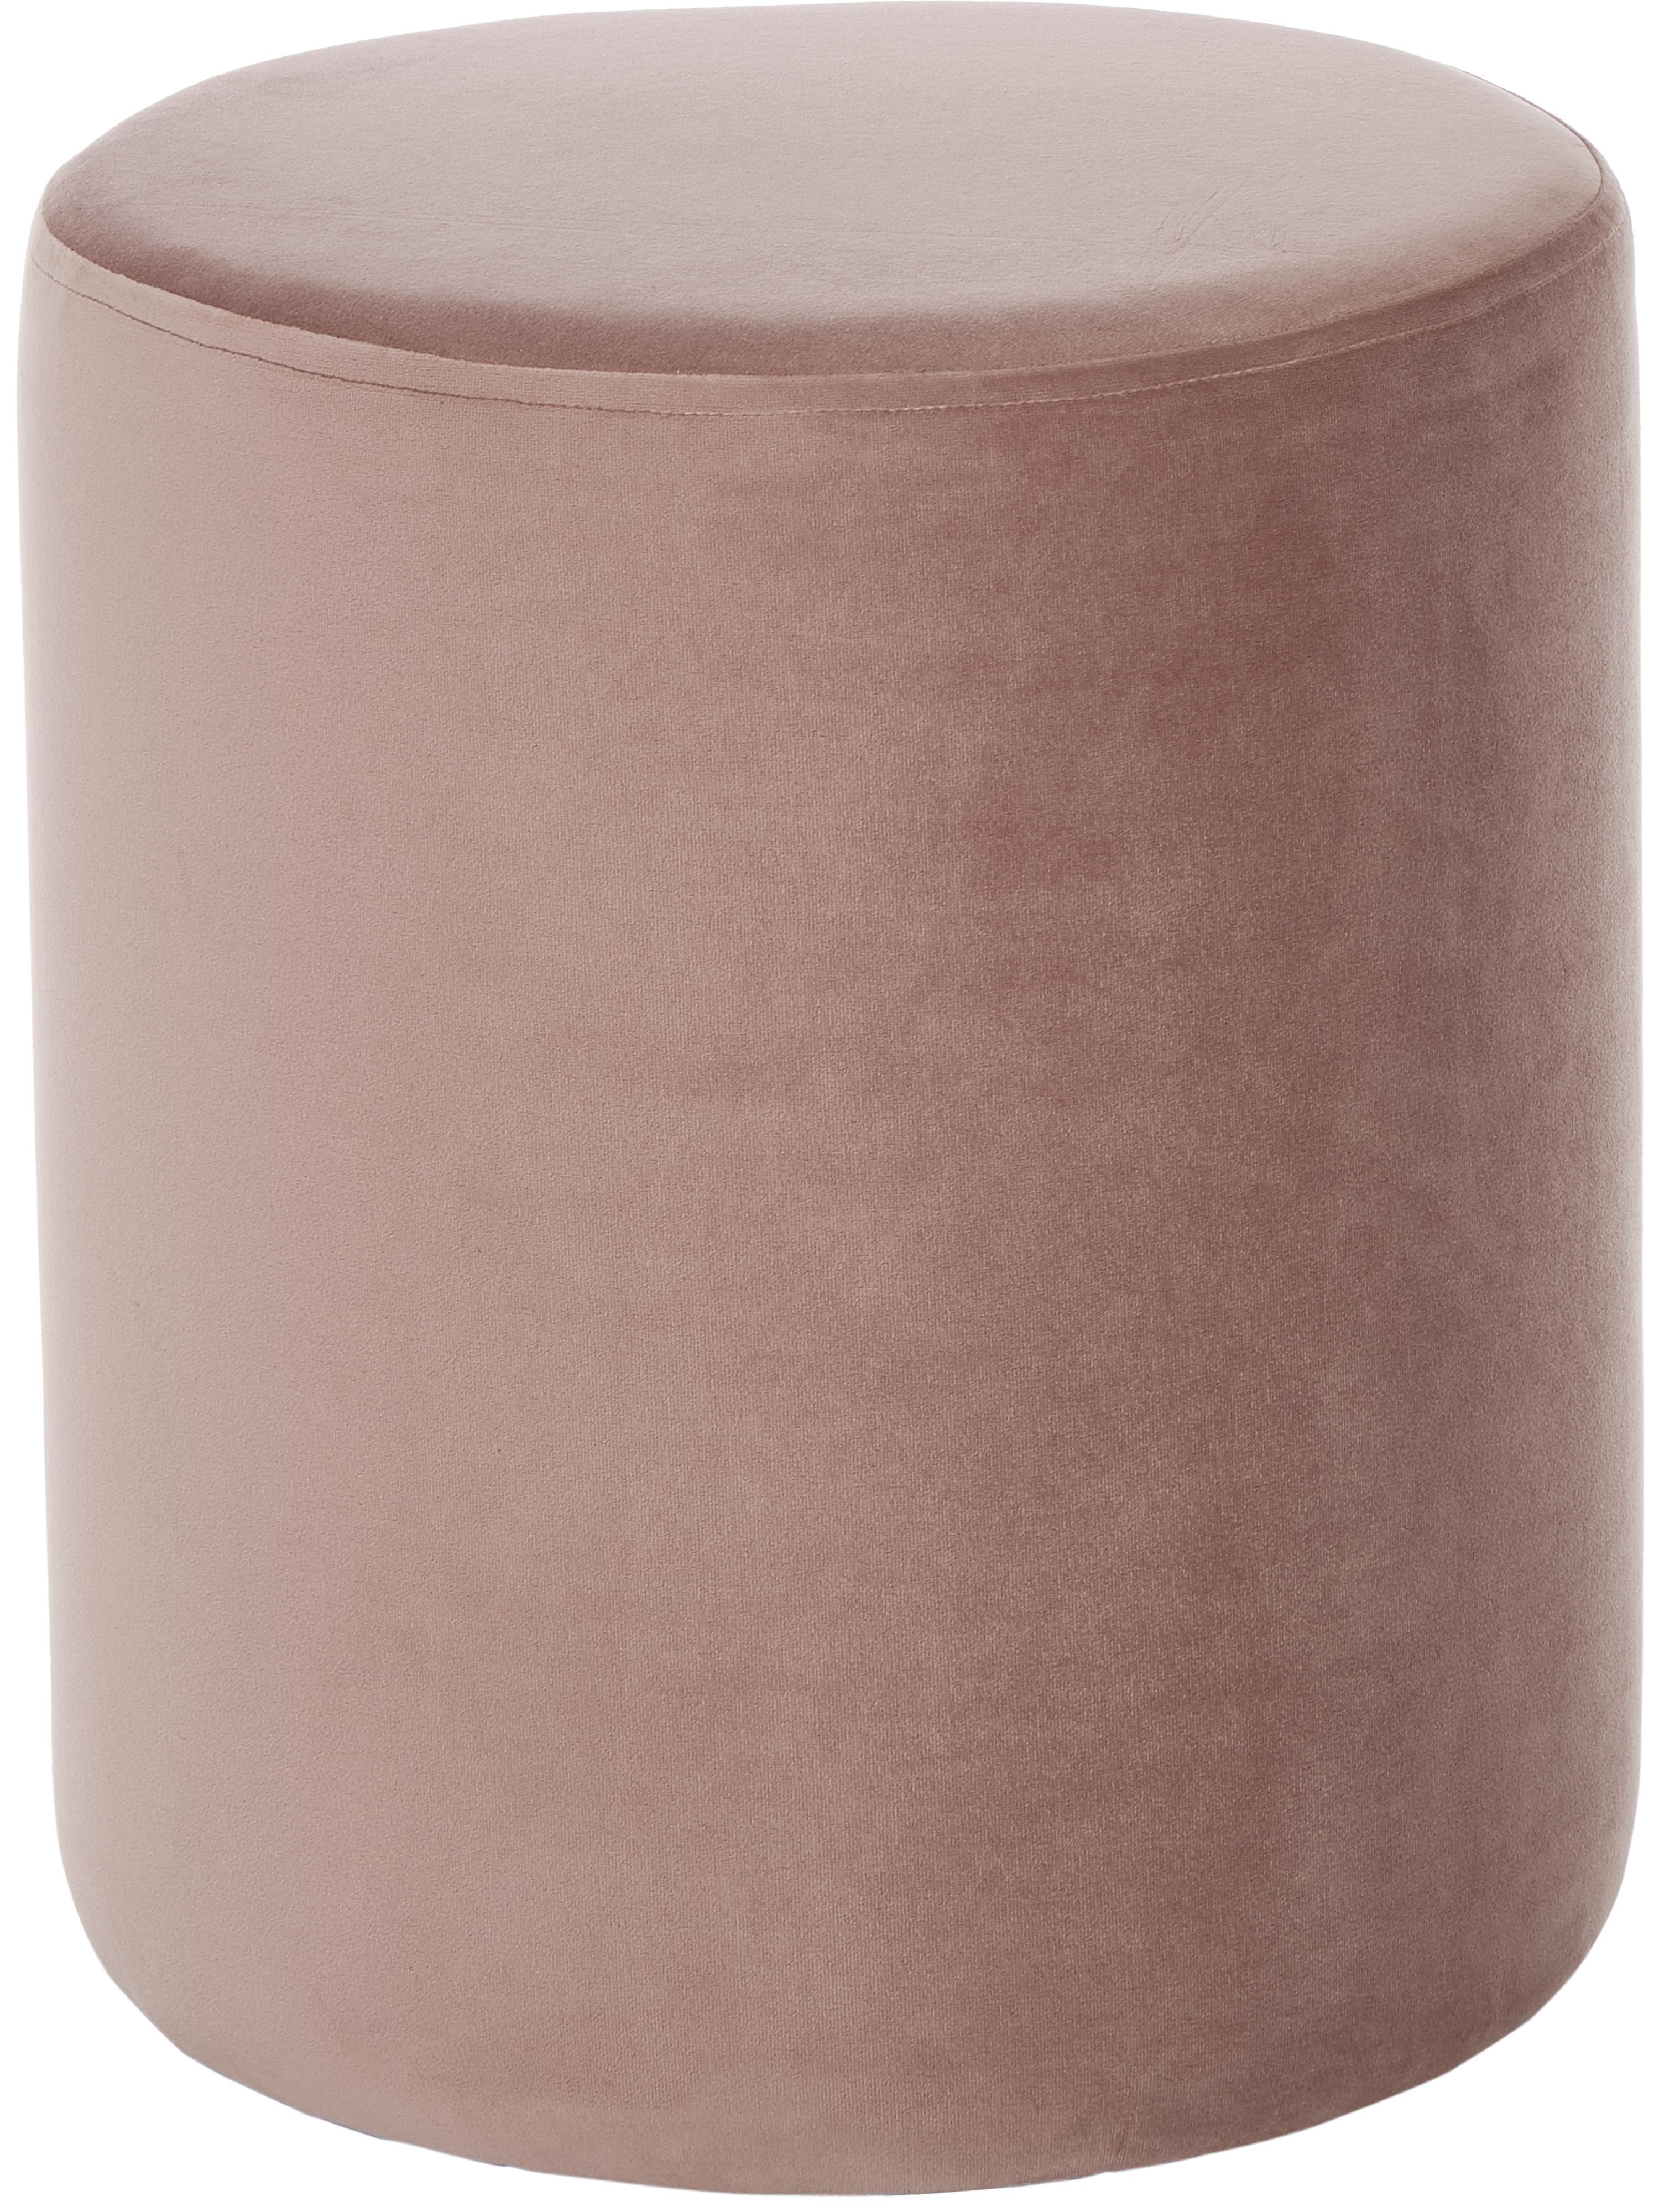 Pouf in velluto Daisy, Rivestimento: velluto (poliestere) Estr, Struttura: pannello di fibra a media, Rosa, Ø 38 x Alt. 46 cm